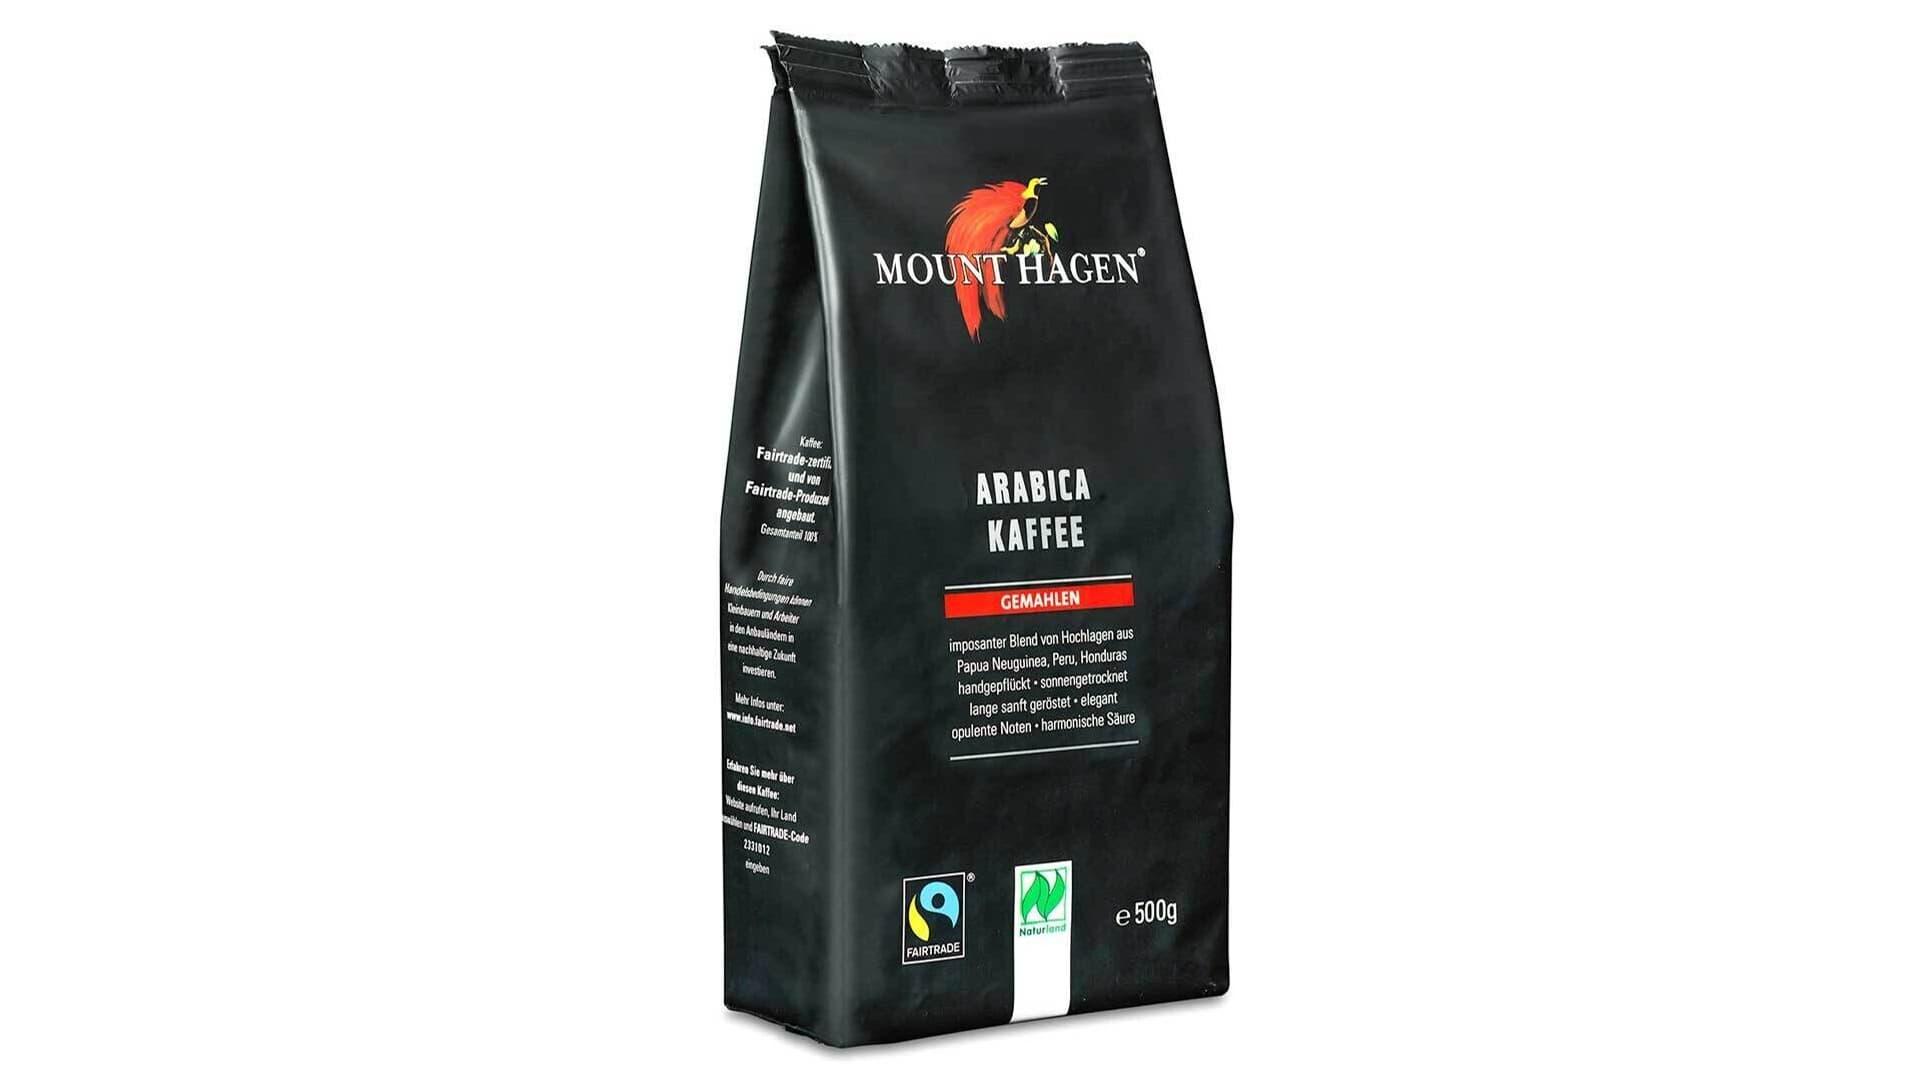 Kaffee von Mount Hagen